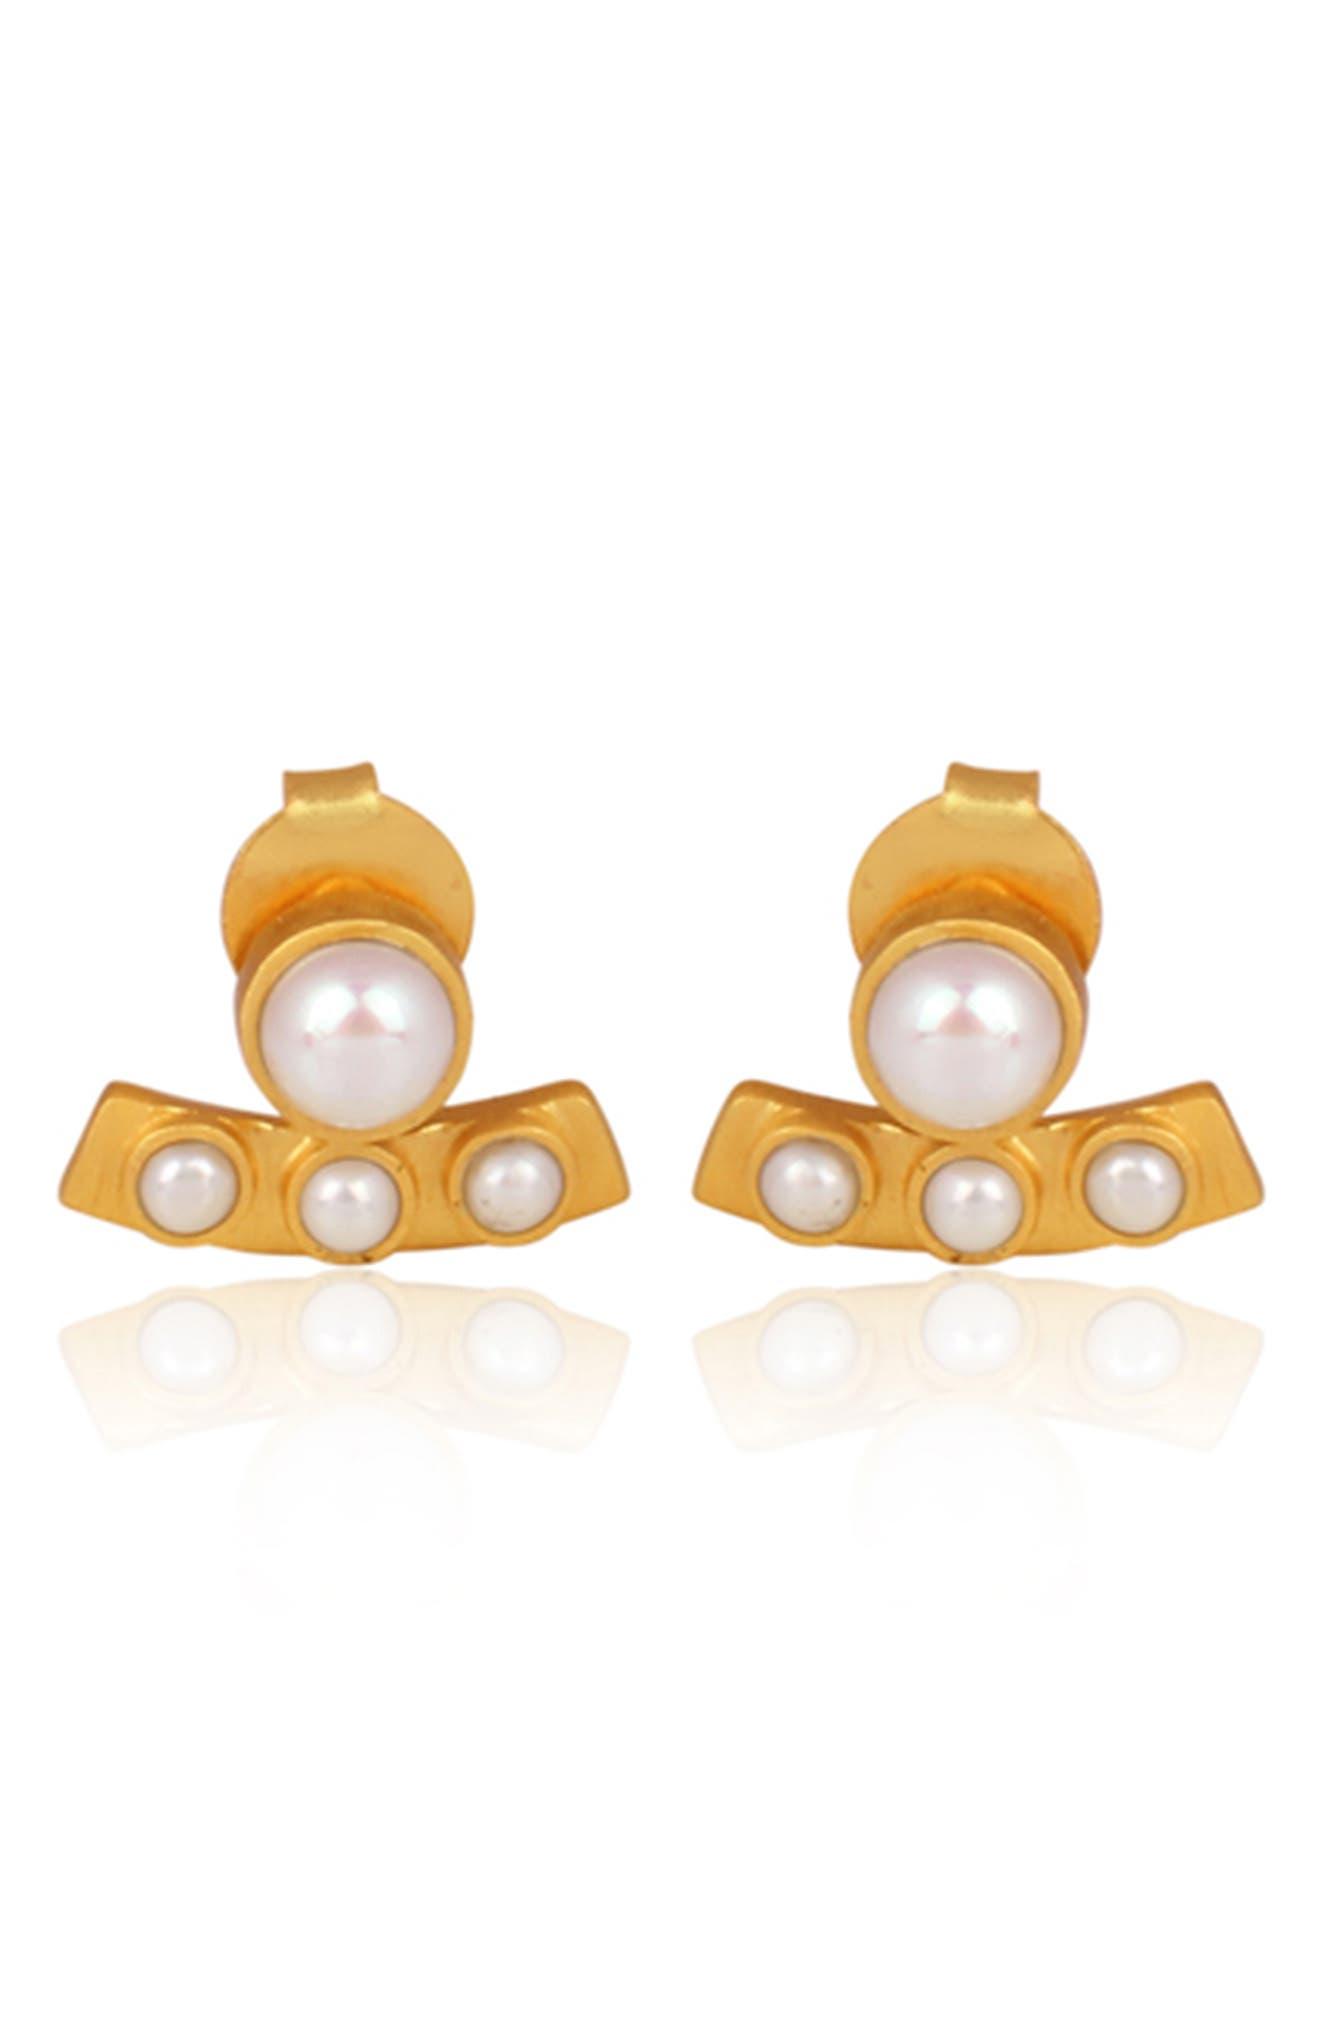 Cultured Pearl Stud Earrings